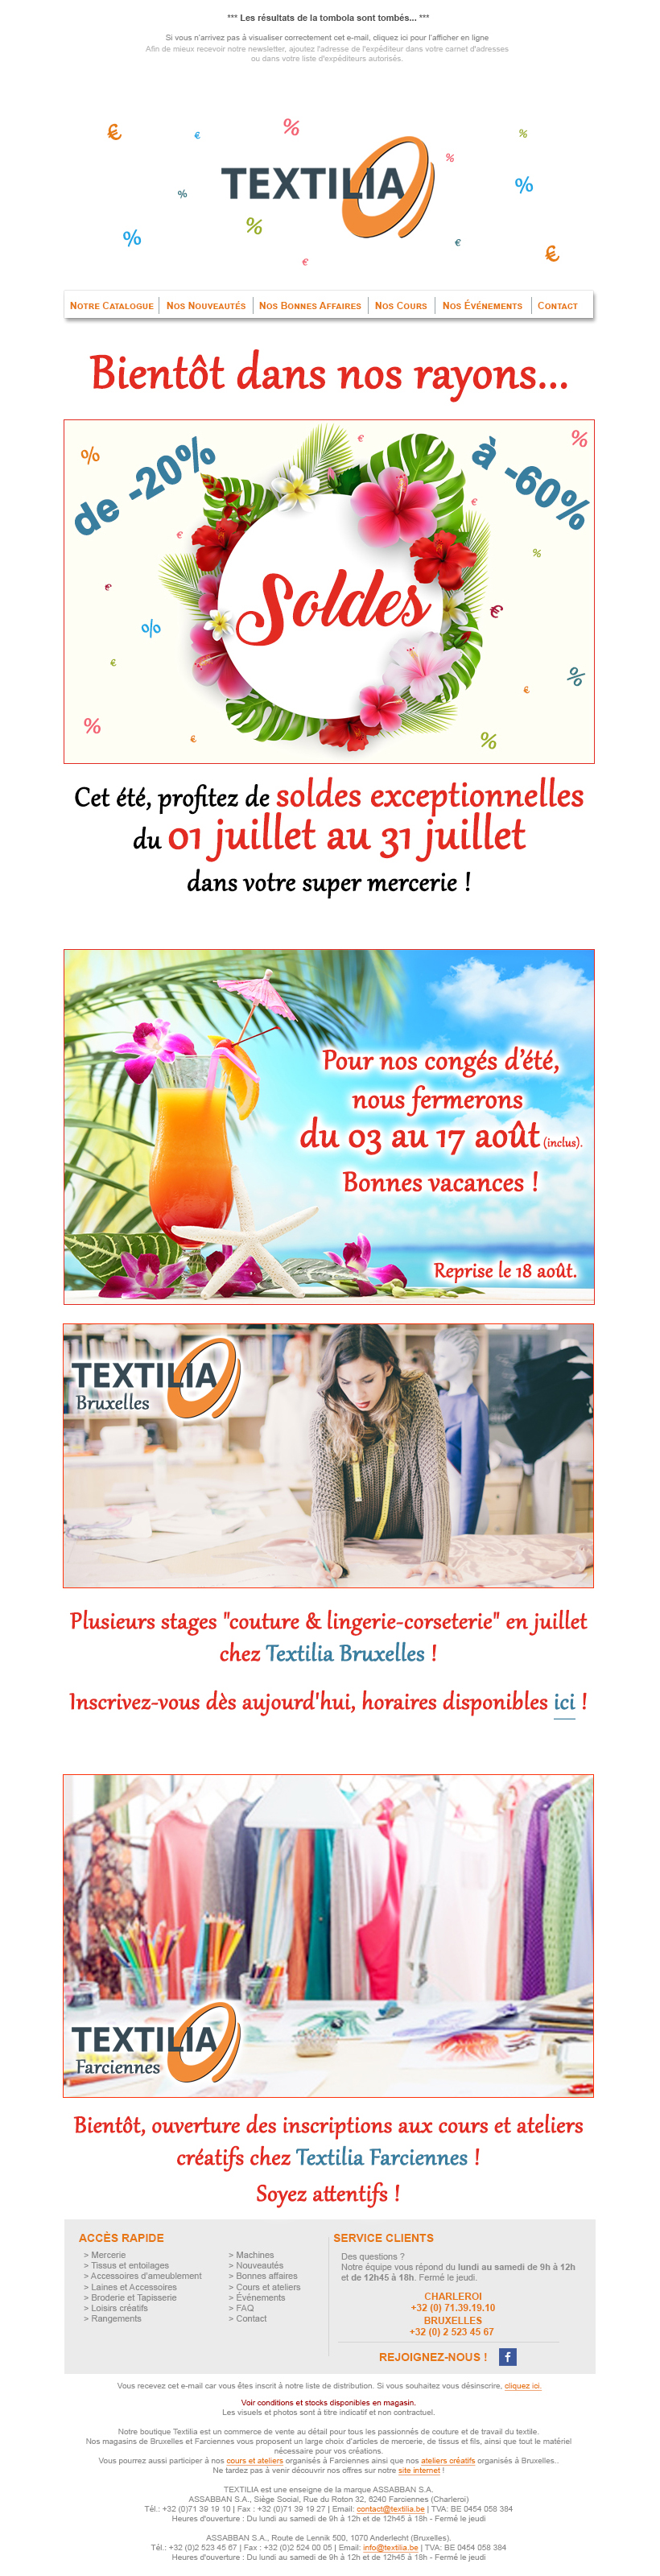 Textilia Newsletter